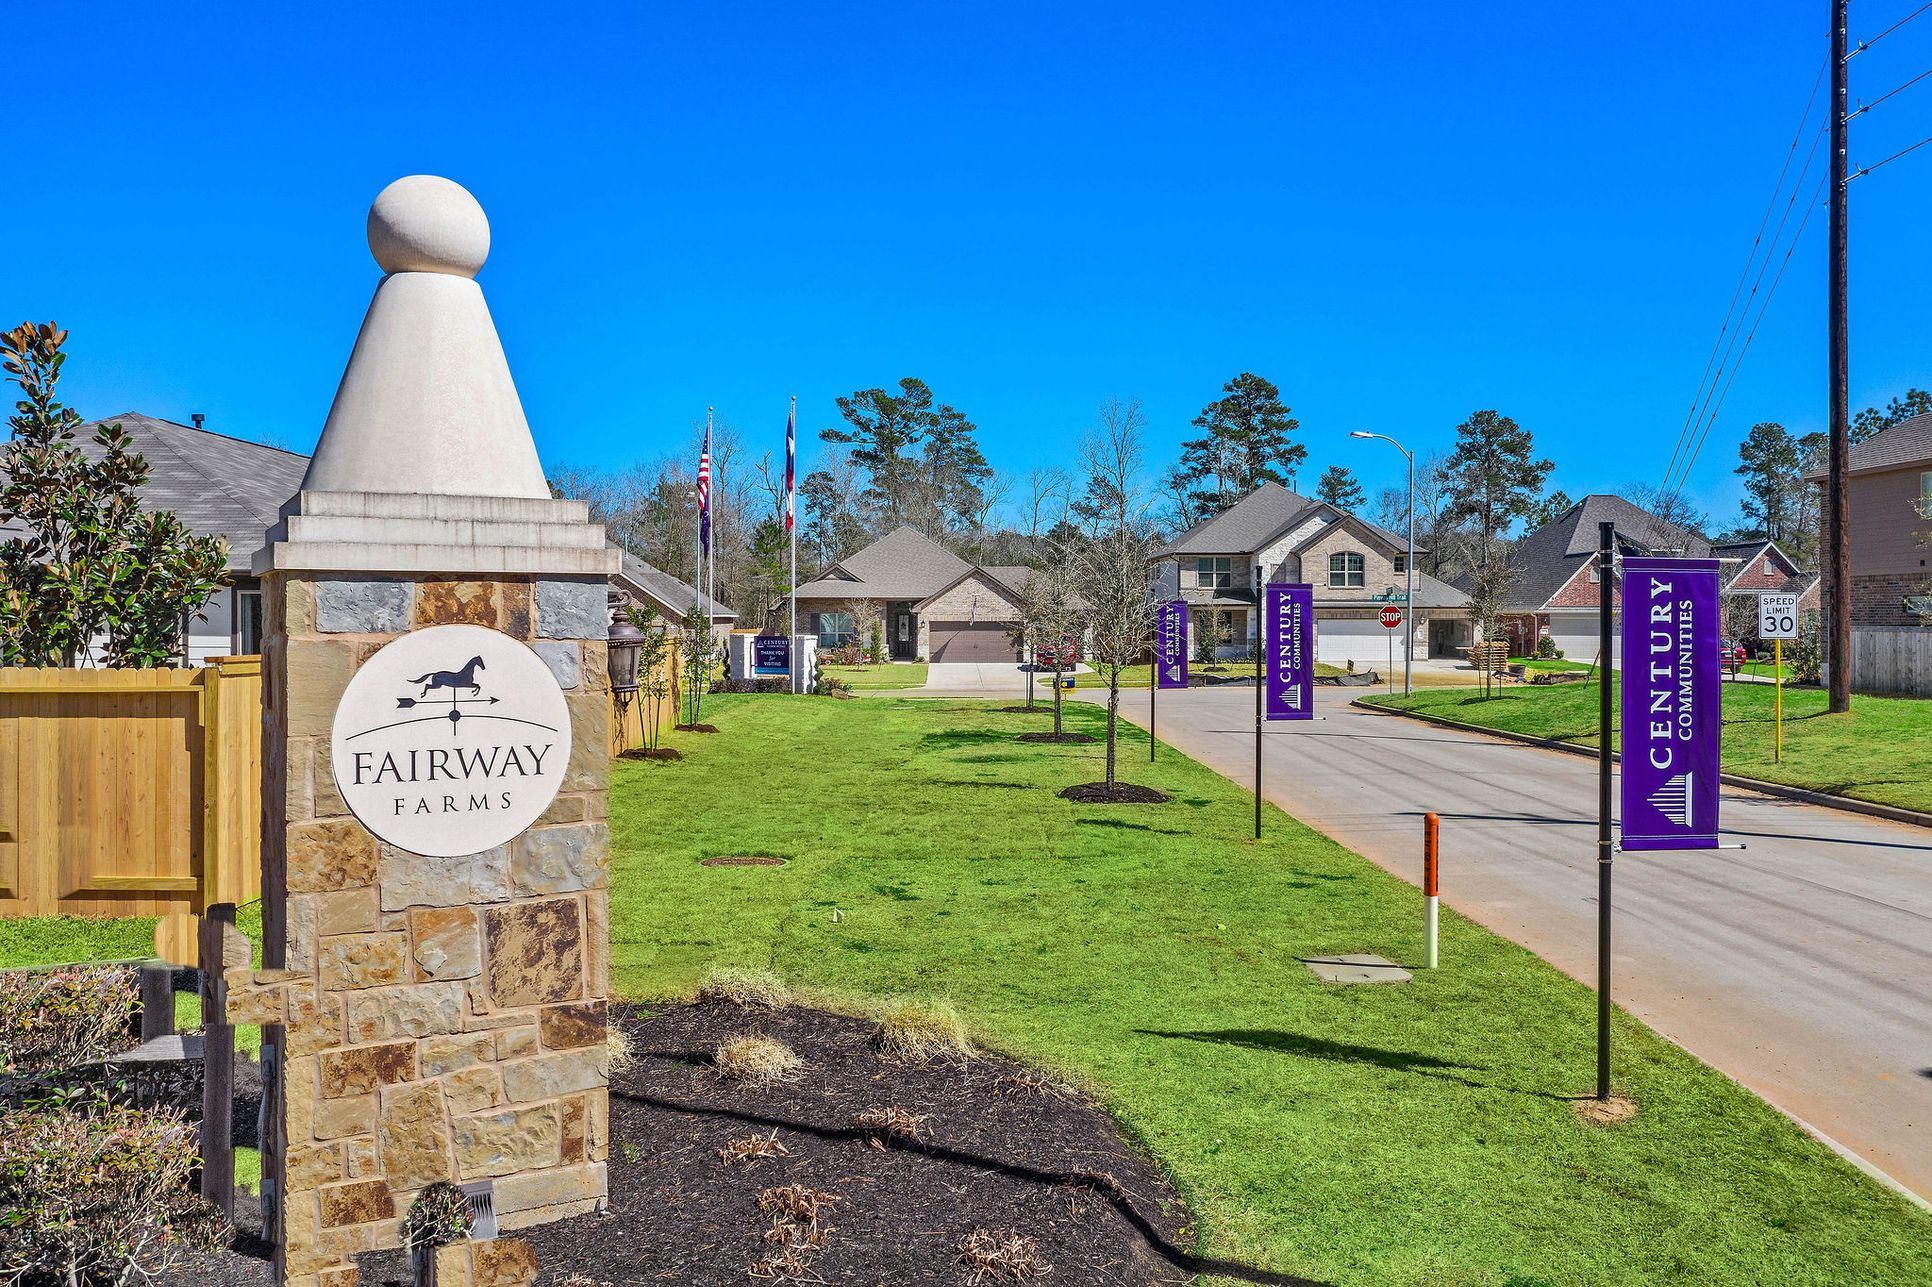 Fairway Farms,77375